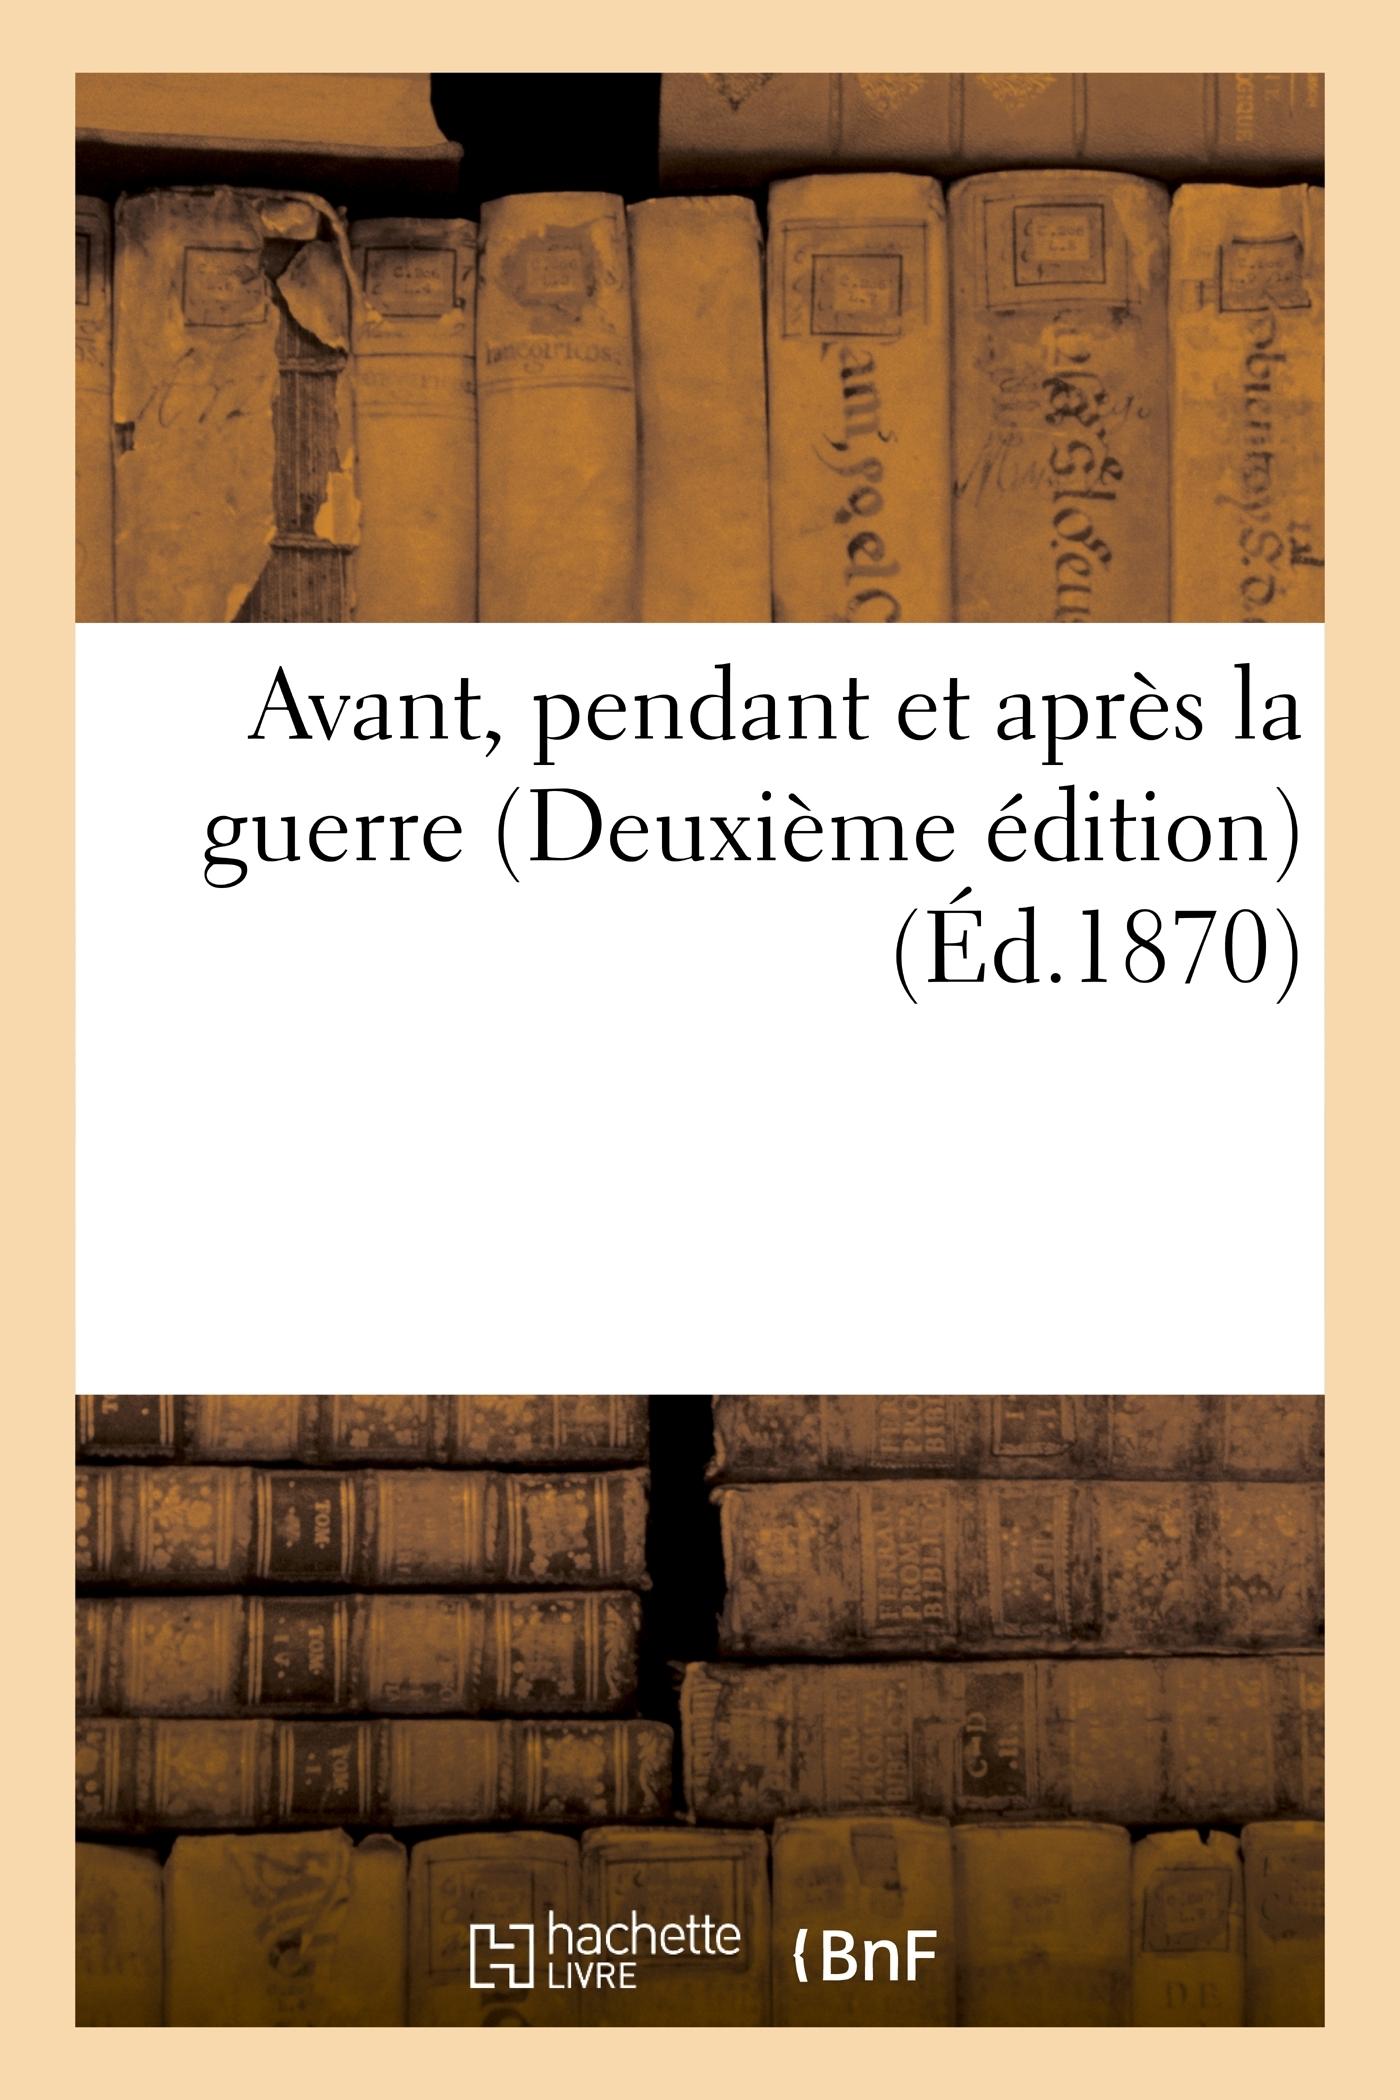 AVANT, PENDANT ET APRES LA GUERRE (DEUXIEME EDITION)